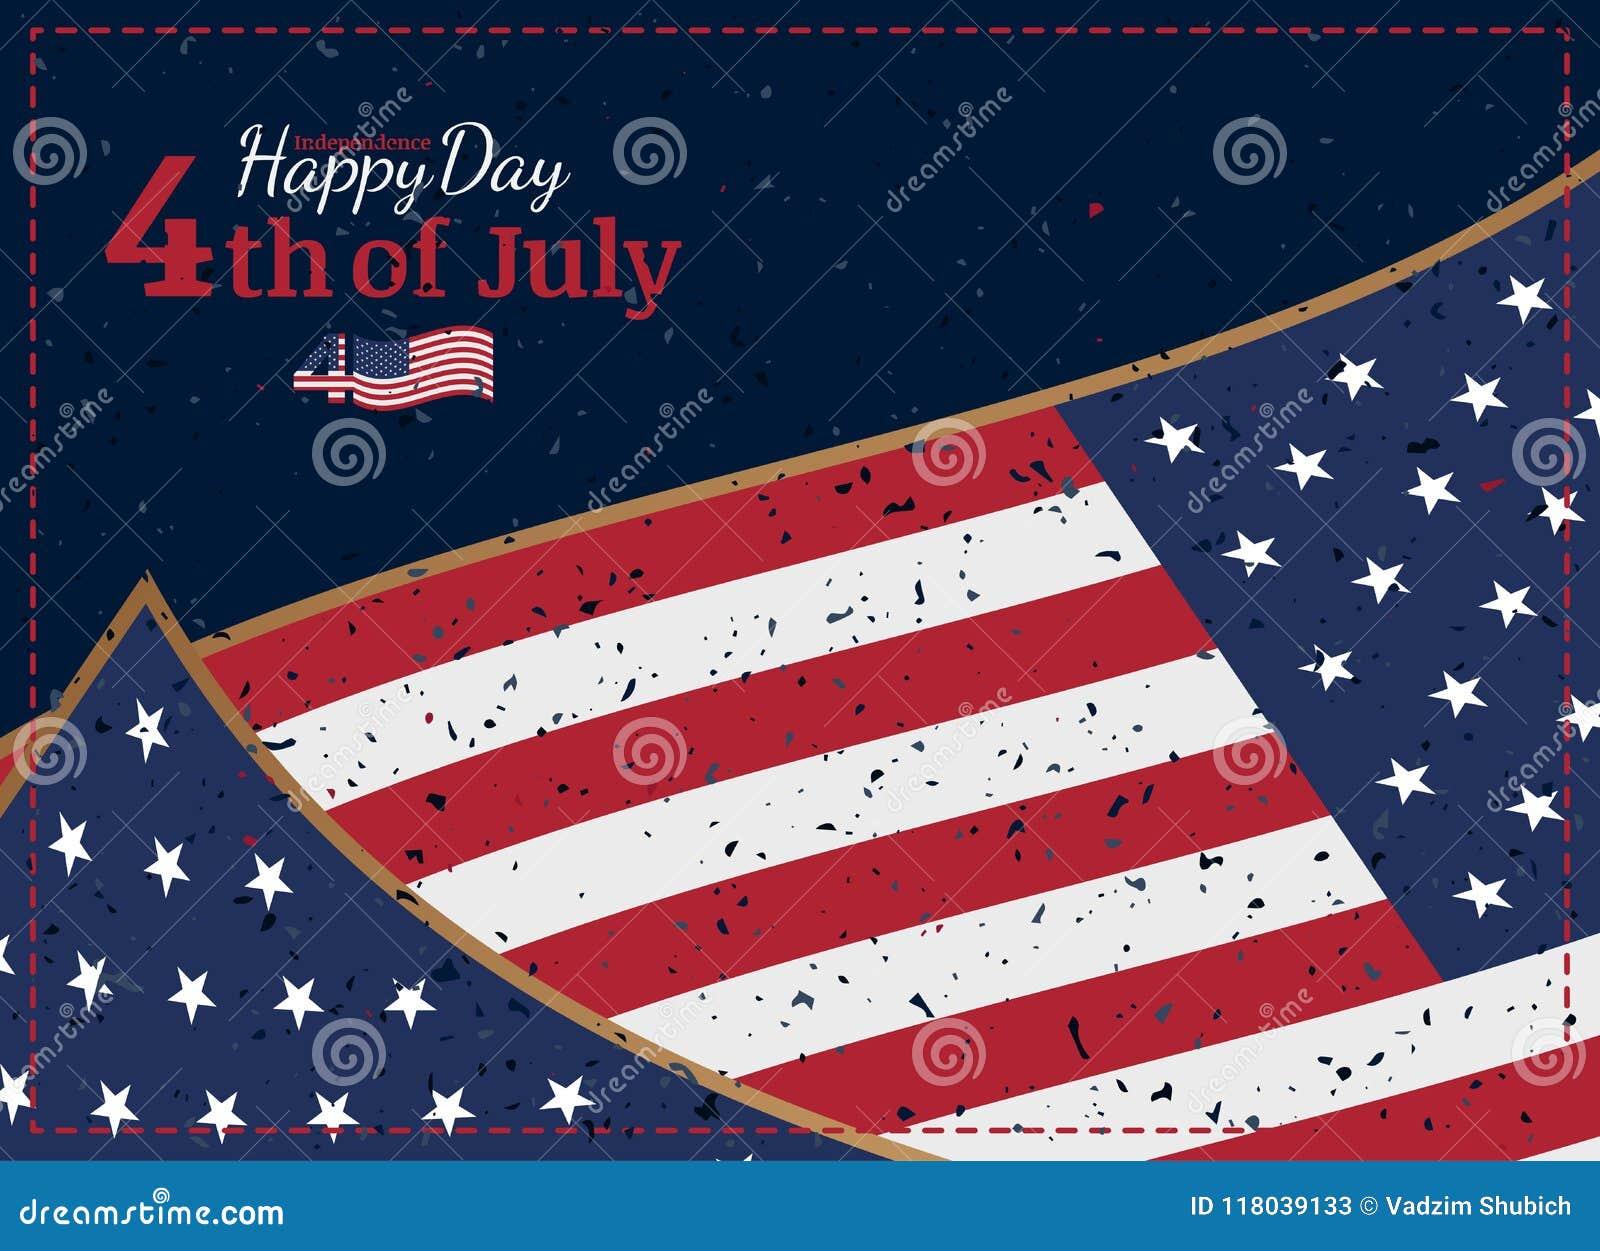 Celebre feliz el 4 de julio - Día de la Independencia Tarjeta de felicitación retra del vintage con la bandera de los E.E.U.U. y